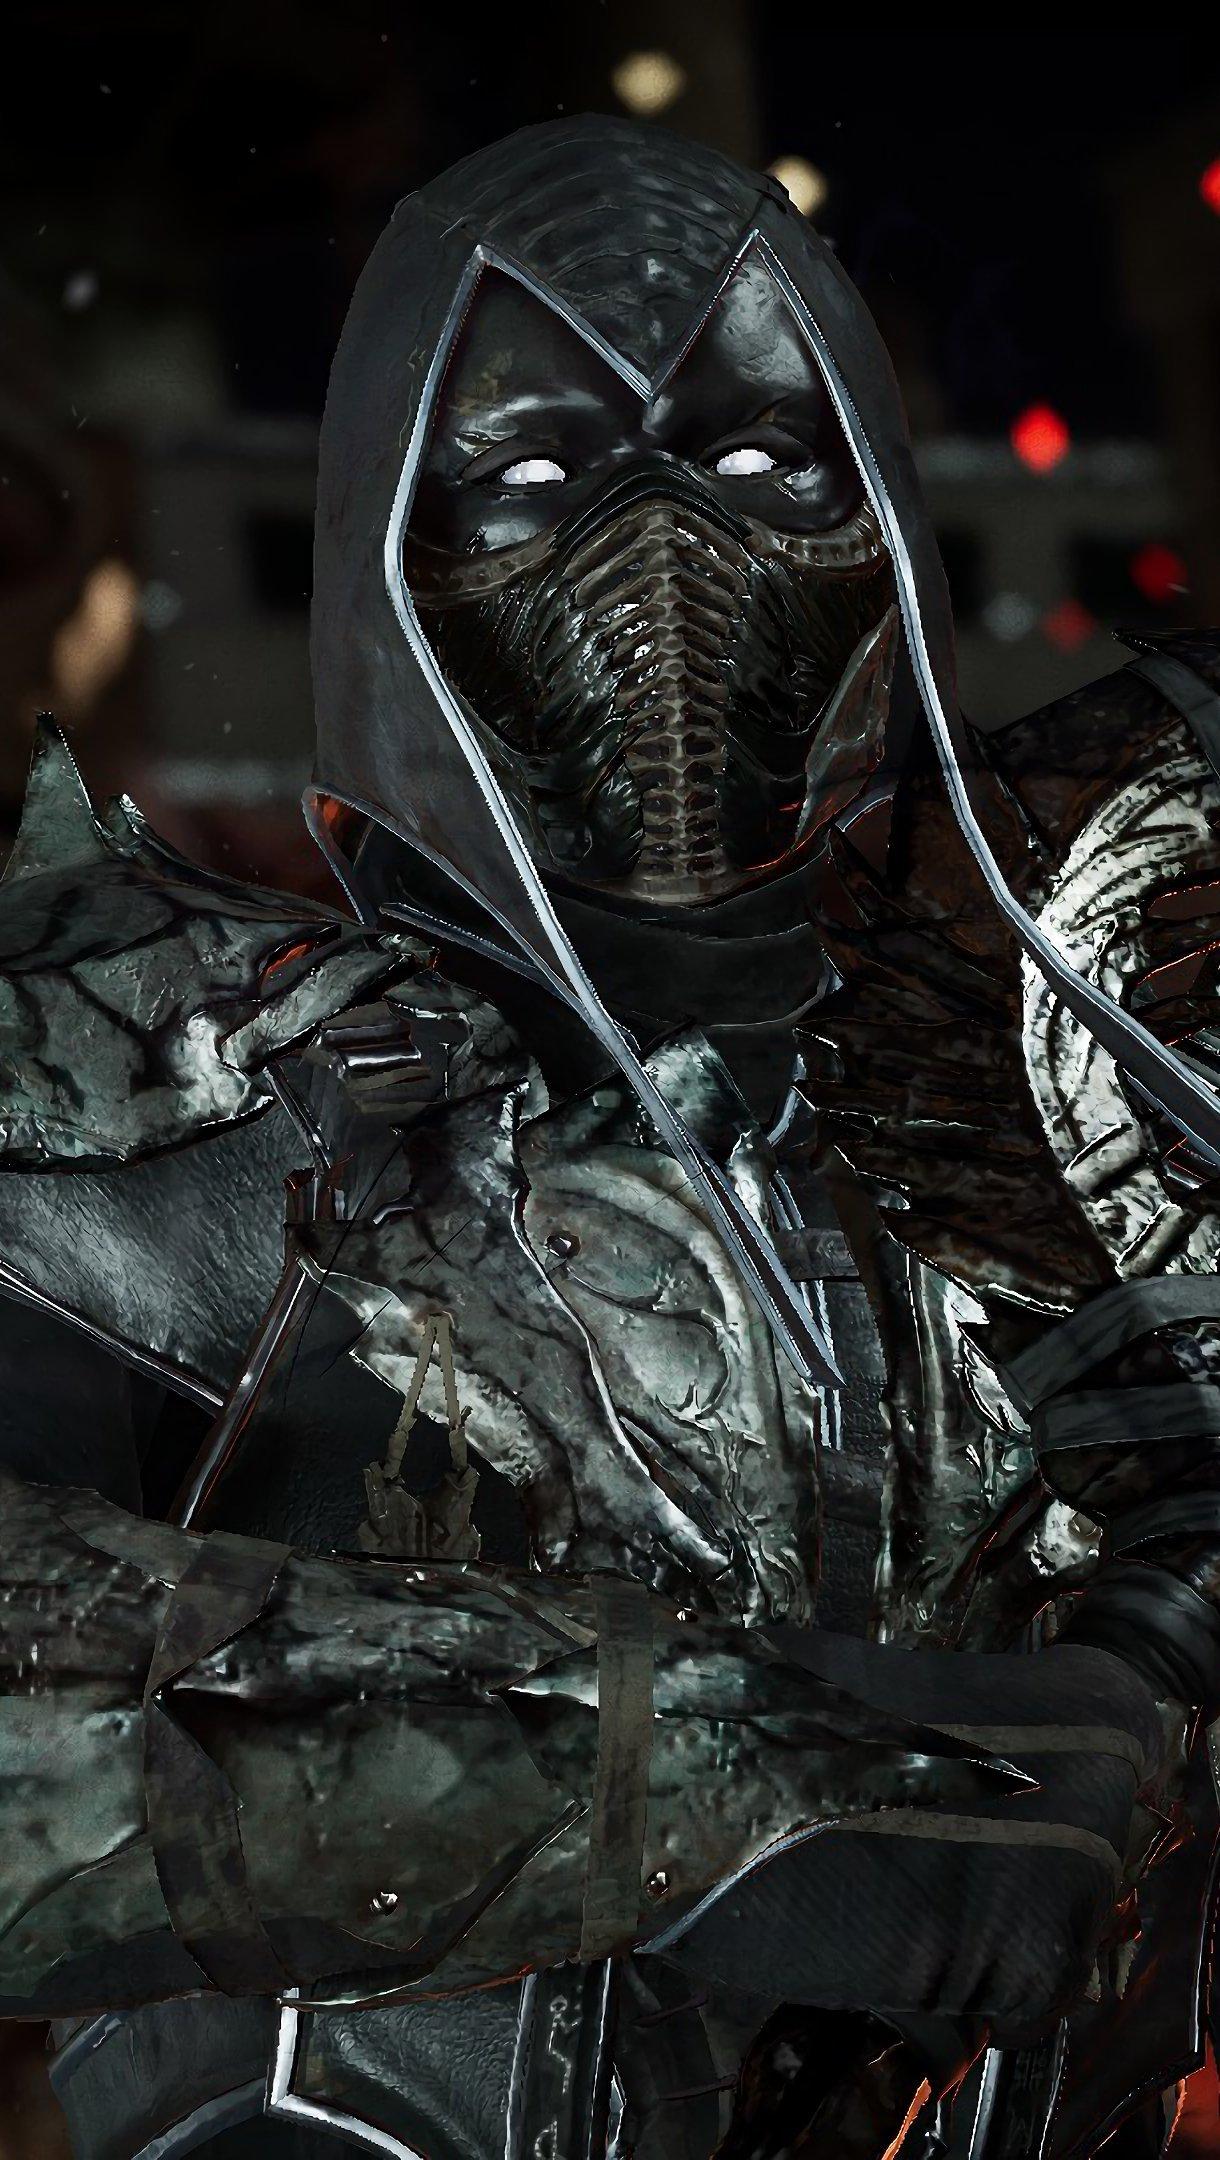 Fondos de pantalla Noob Saibot de Mortal Kombat Vertical